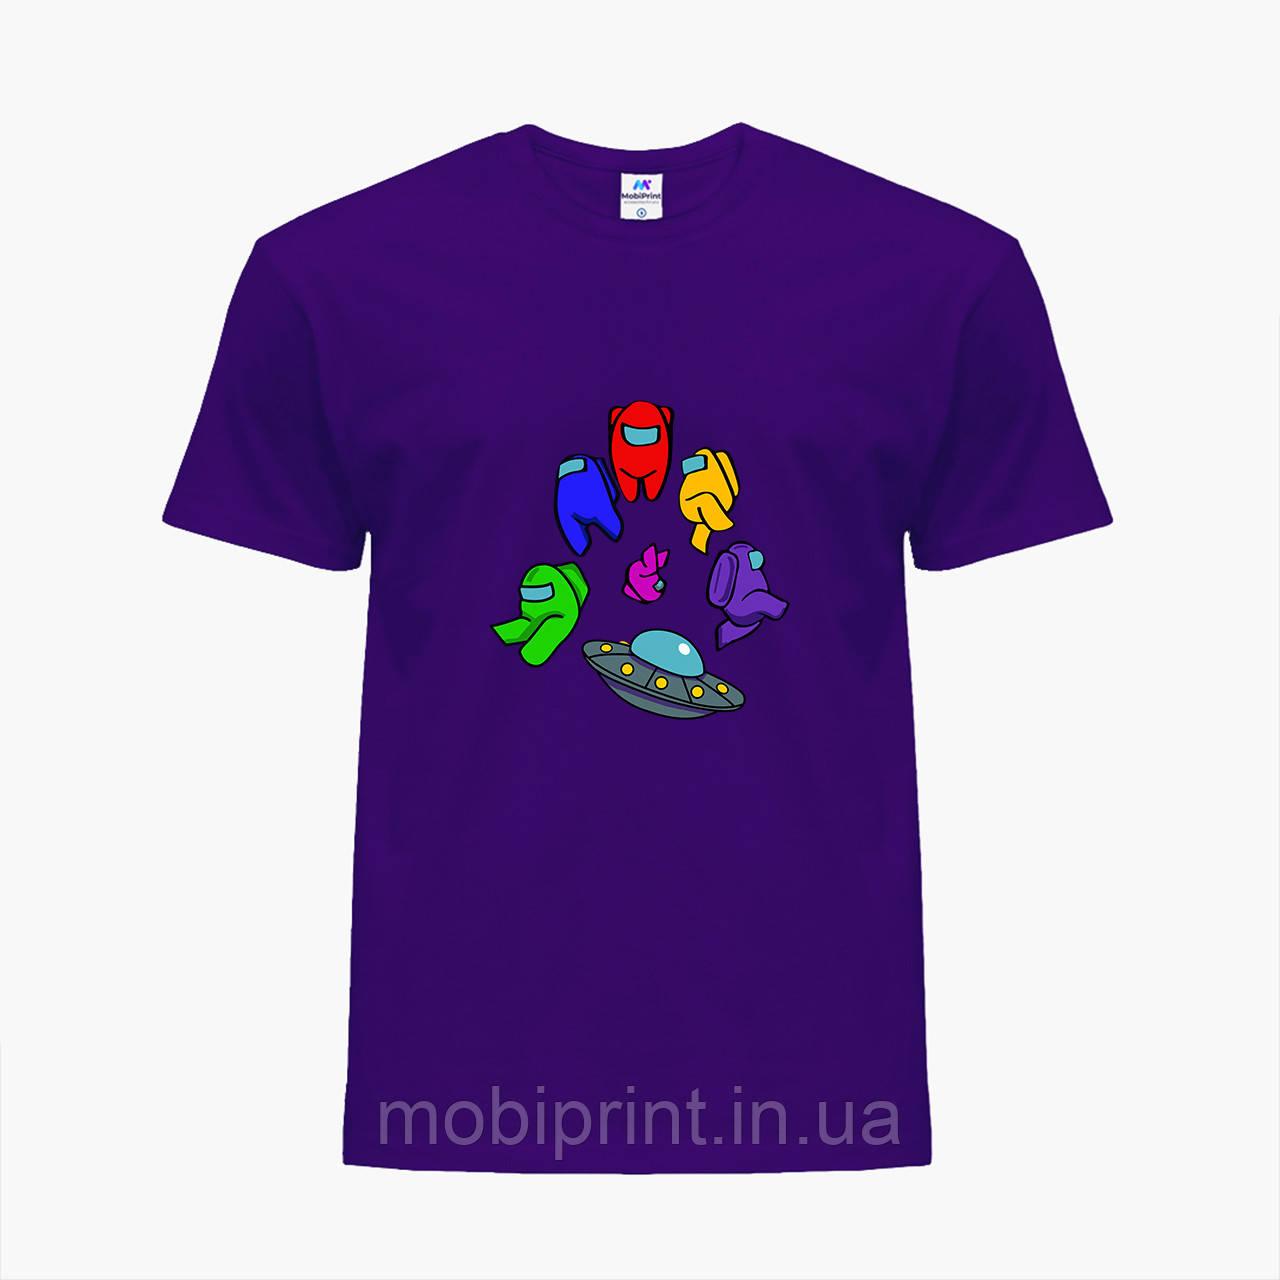 Дитяча футболка для хлопчиків Амонг Ас (Among Us) (25186-2585) Фіолетовий